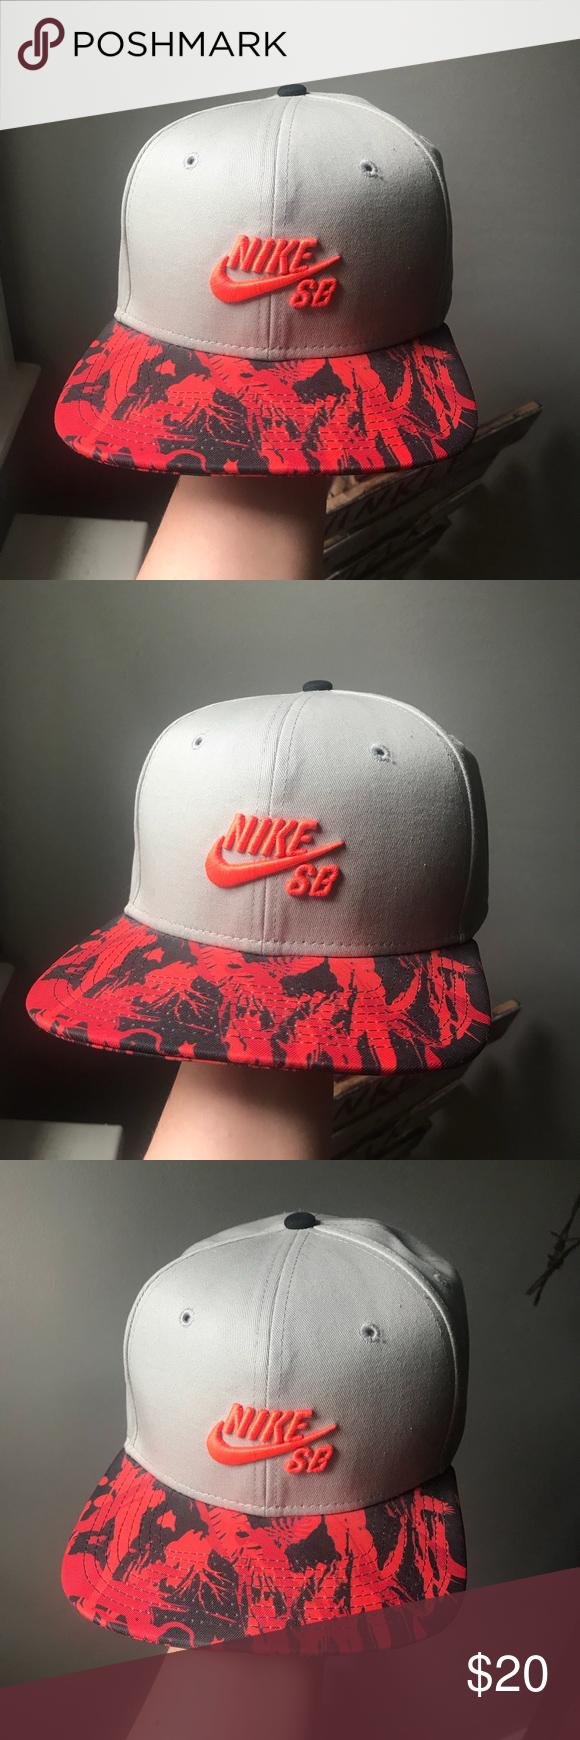 outlet store d2234 4e164 NWOT Nike SB SnapBack skateboarding hat NWOT, no blemishes. Never worn. Nike  Other